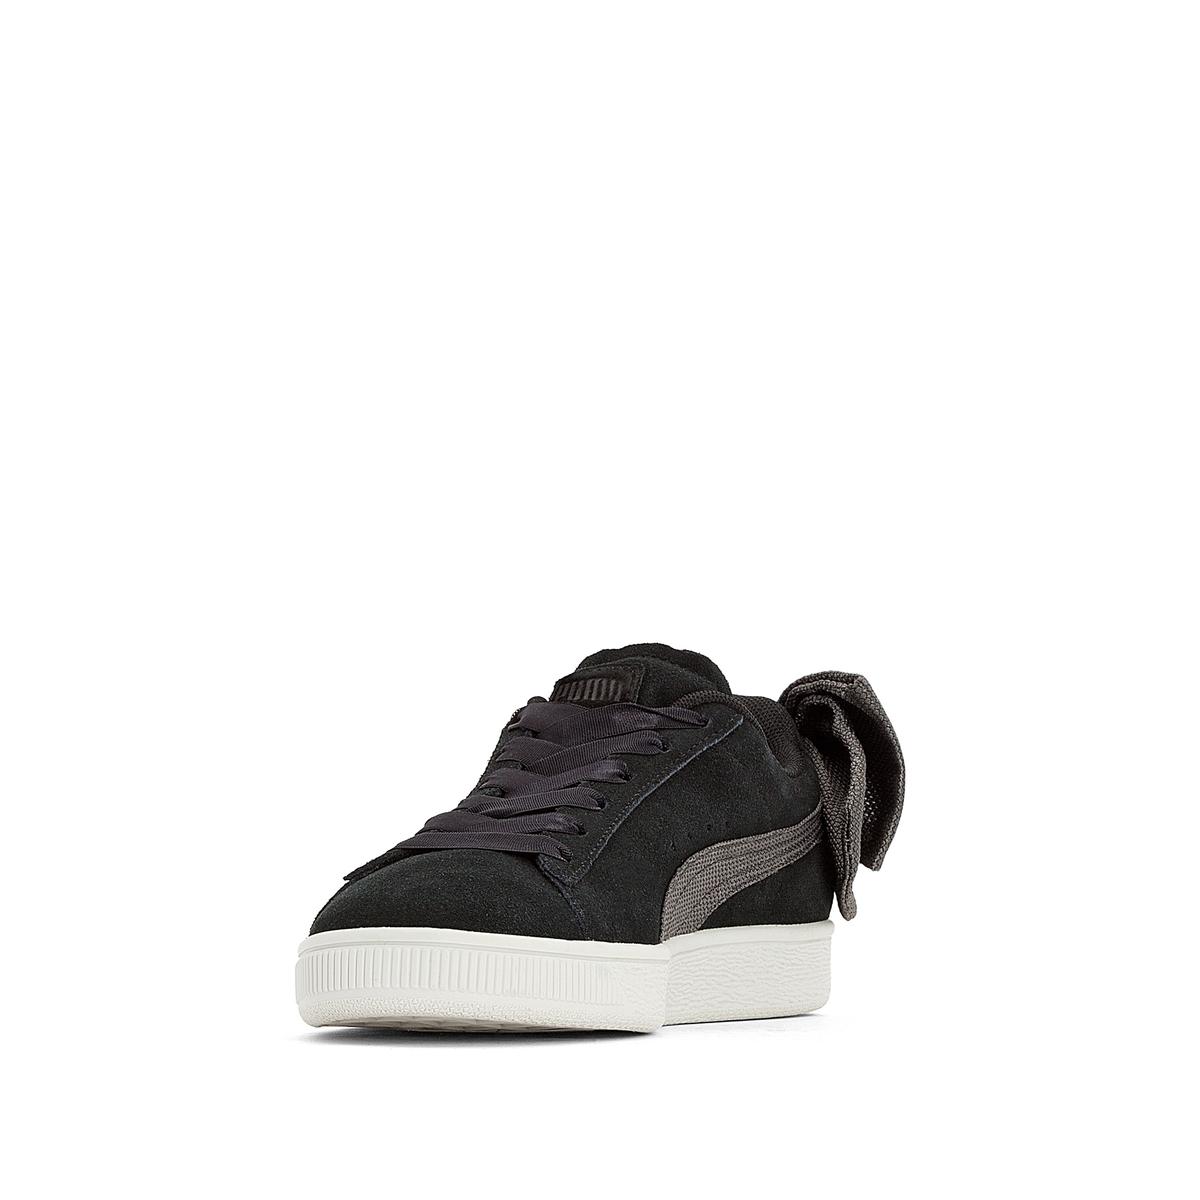 Imagen secundaria de producto de Zapatillas de piel Suede Bow Wn's - Puma